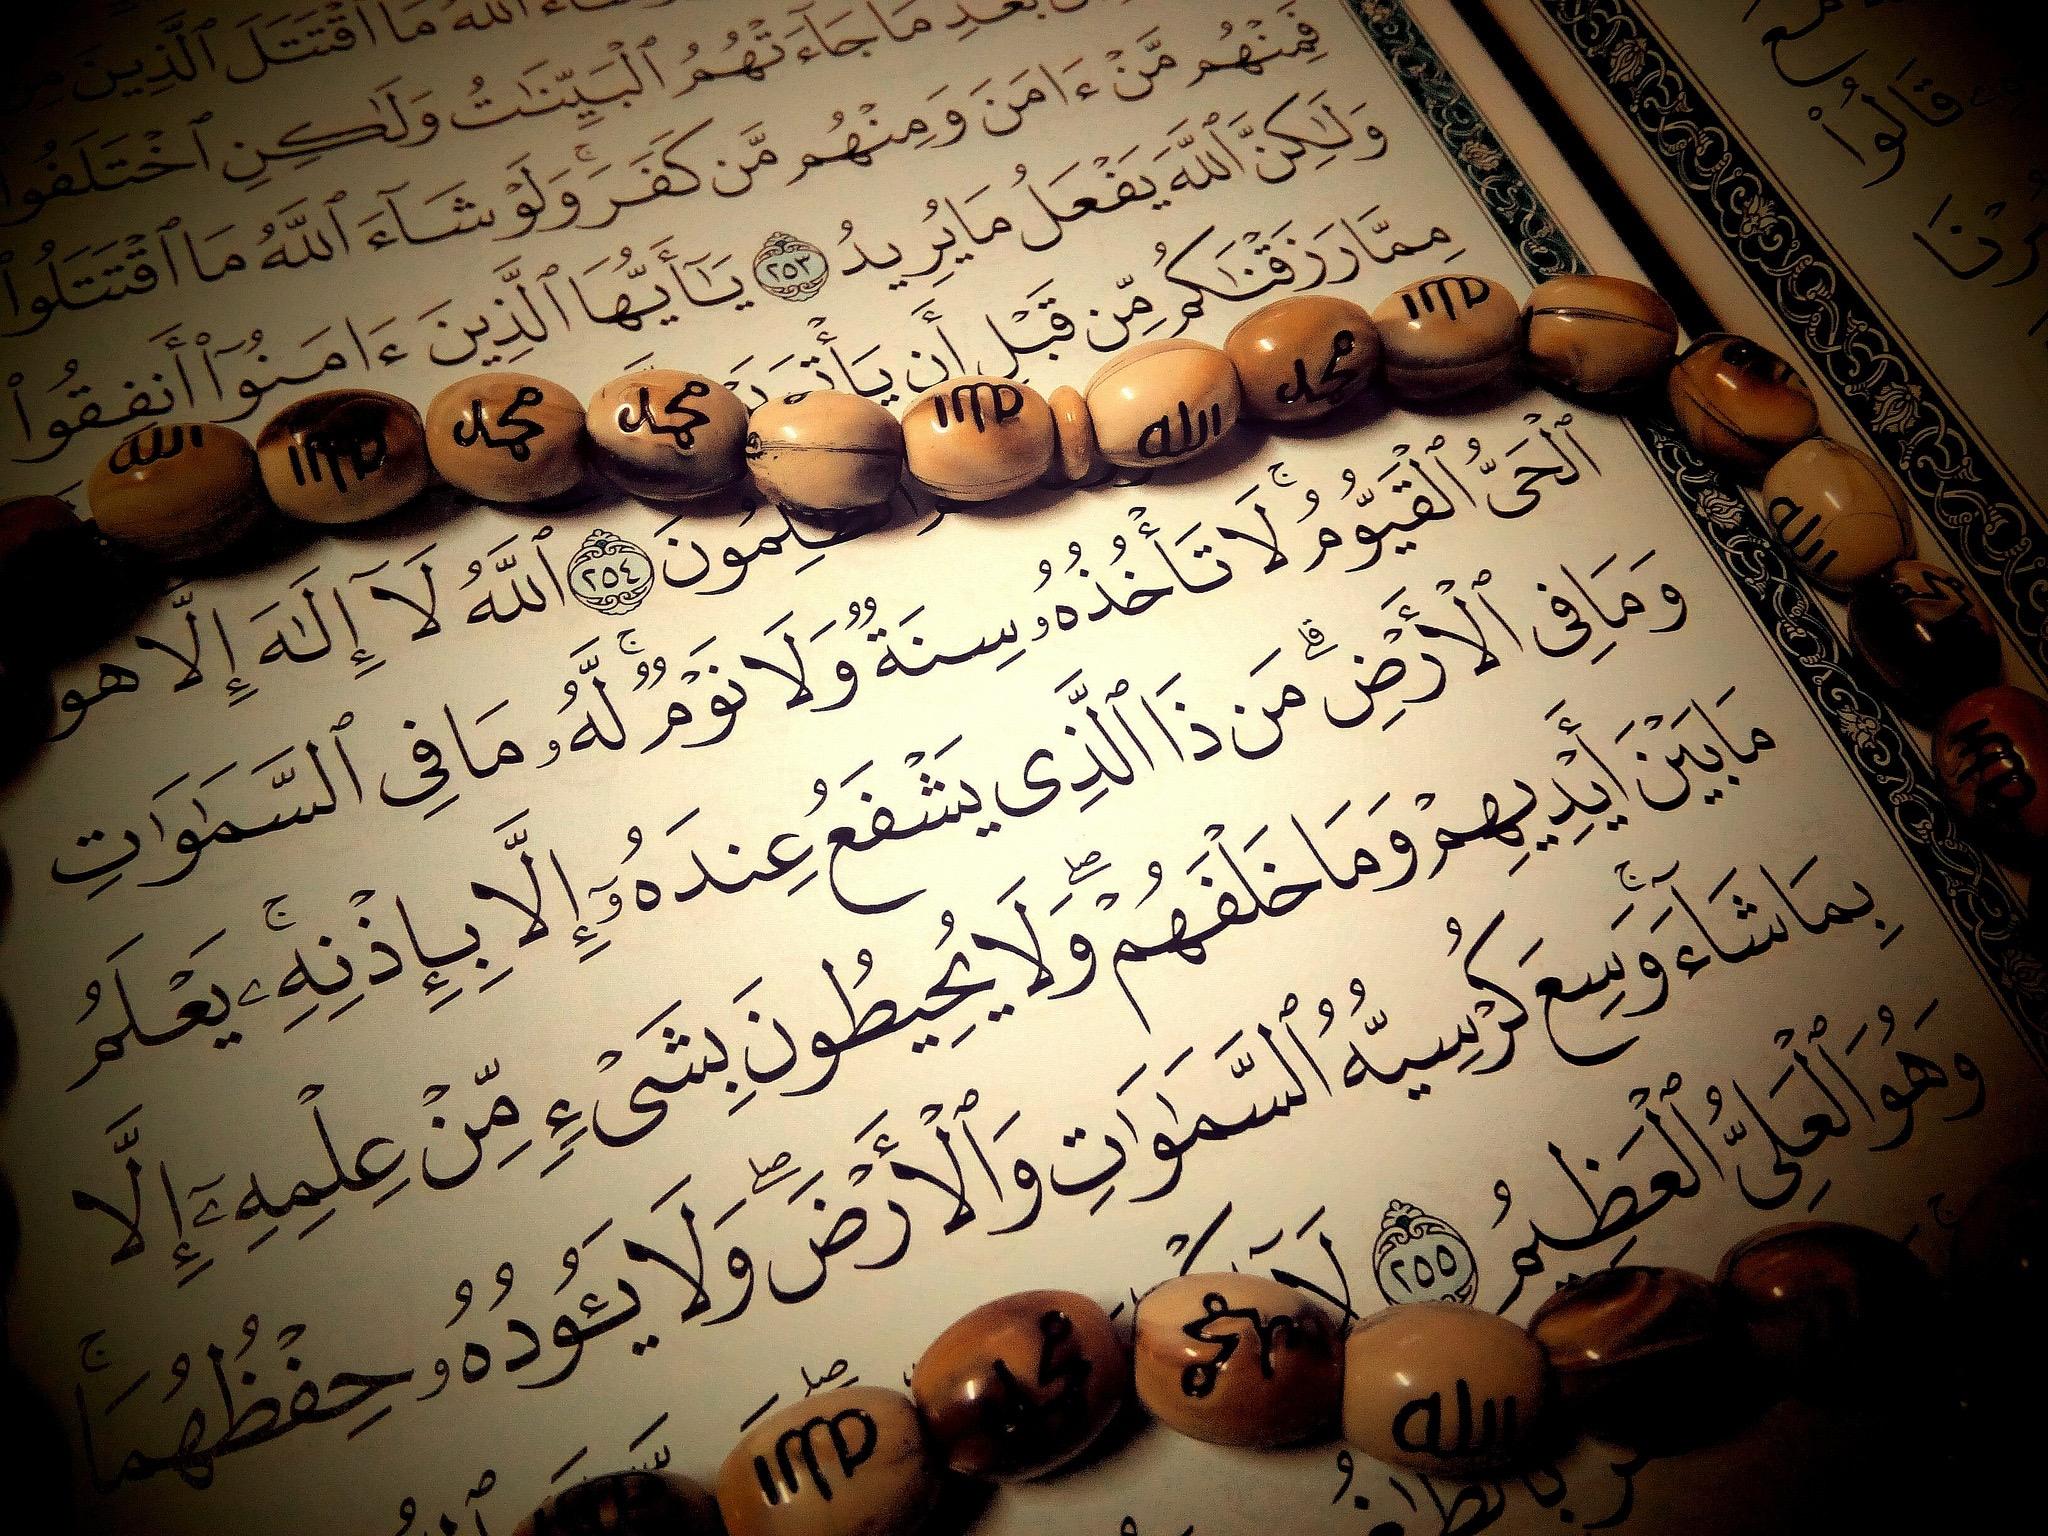 تفسير حلم قراءة سورة الكهف بصوت جميل